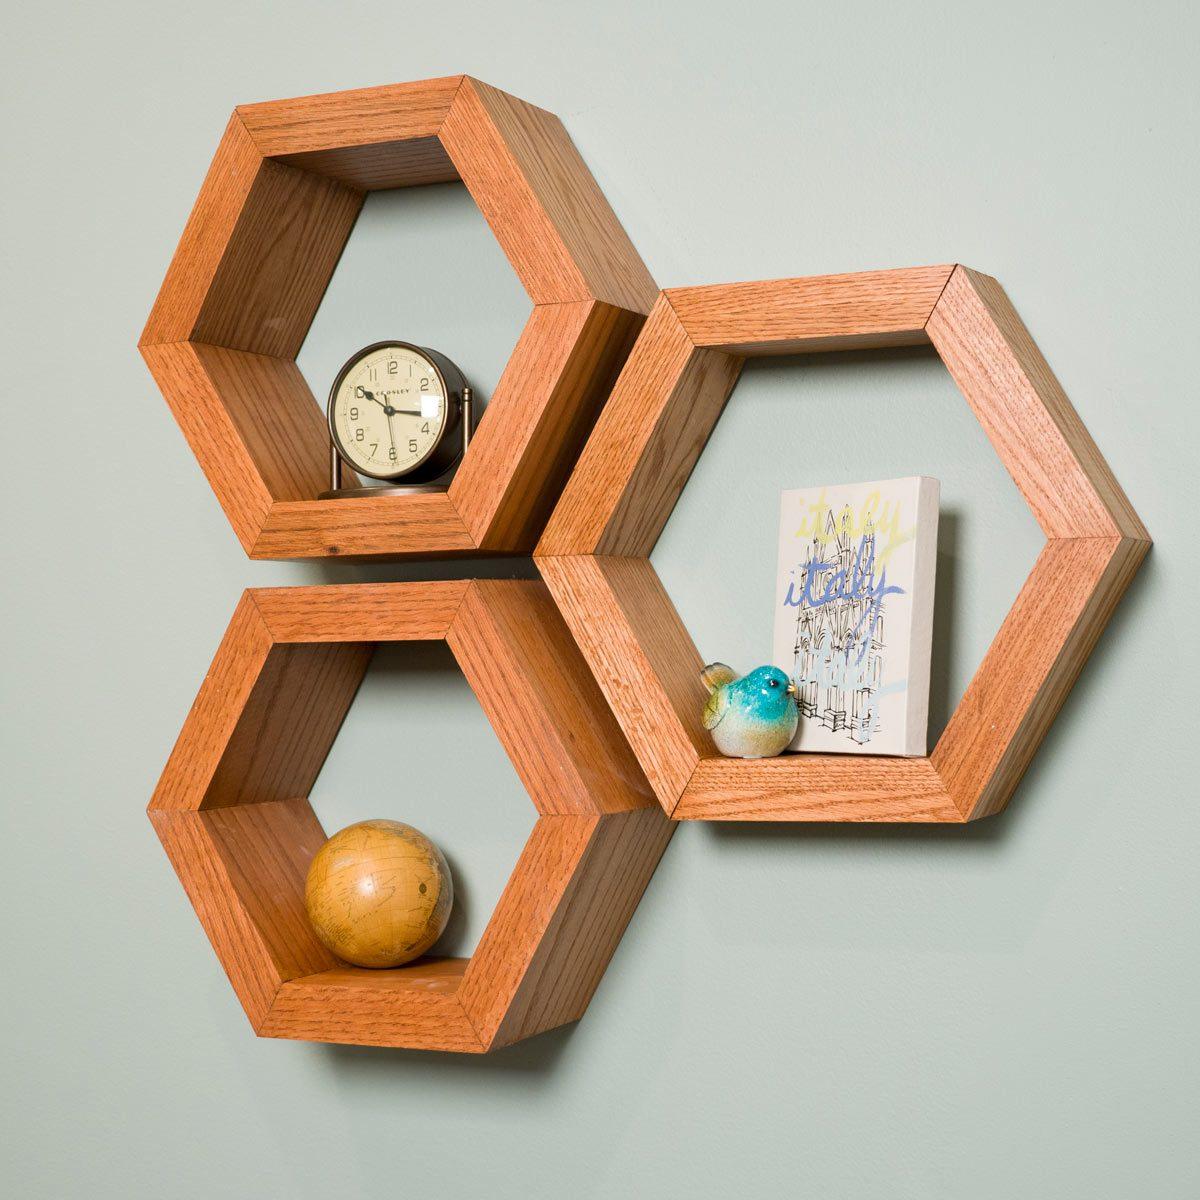 Hexagon Shelves Photo